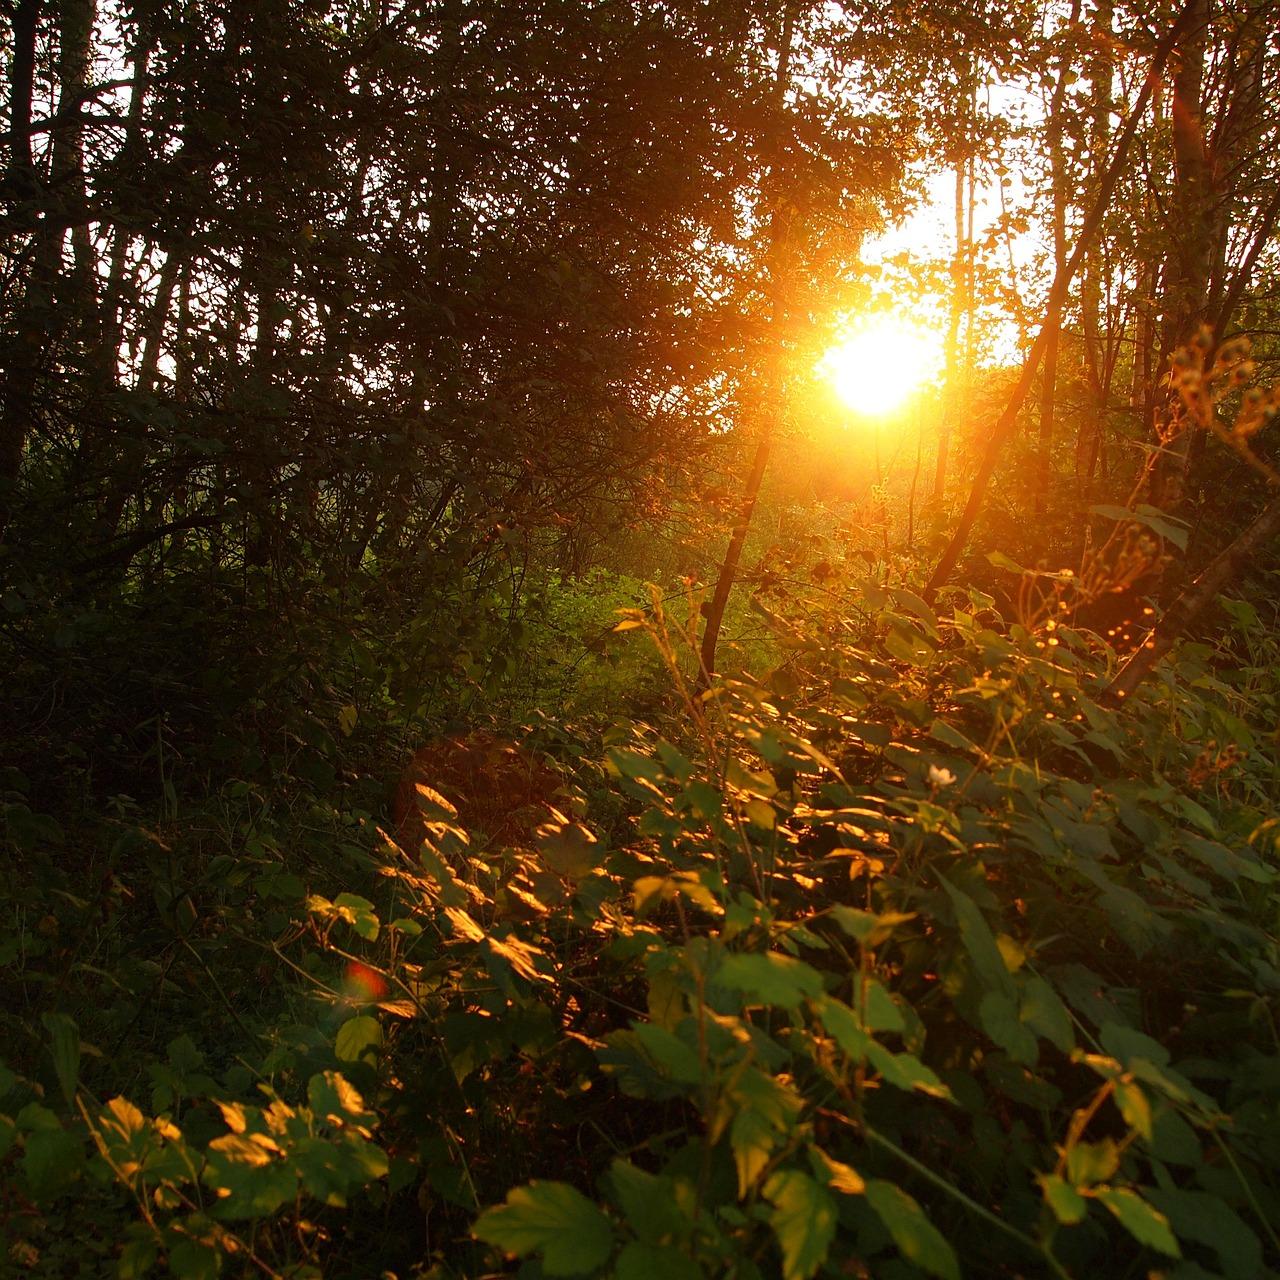 фото на заходящем солнце